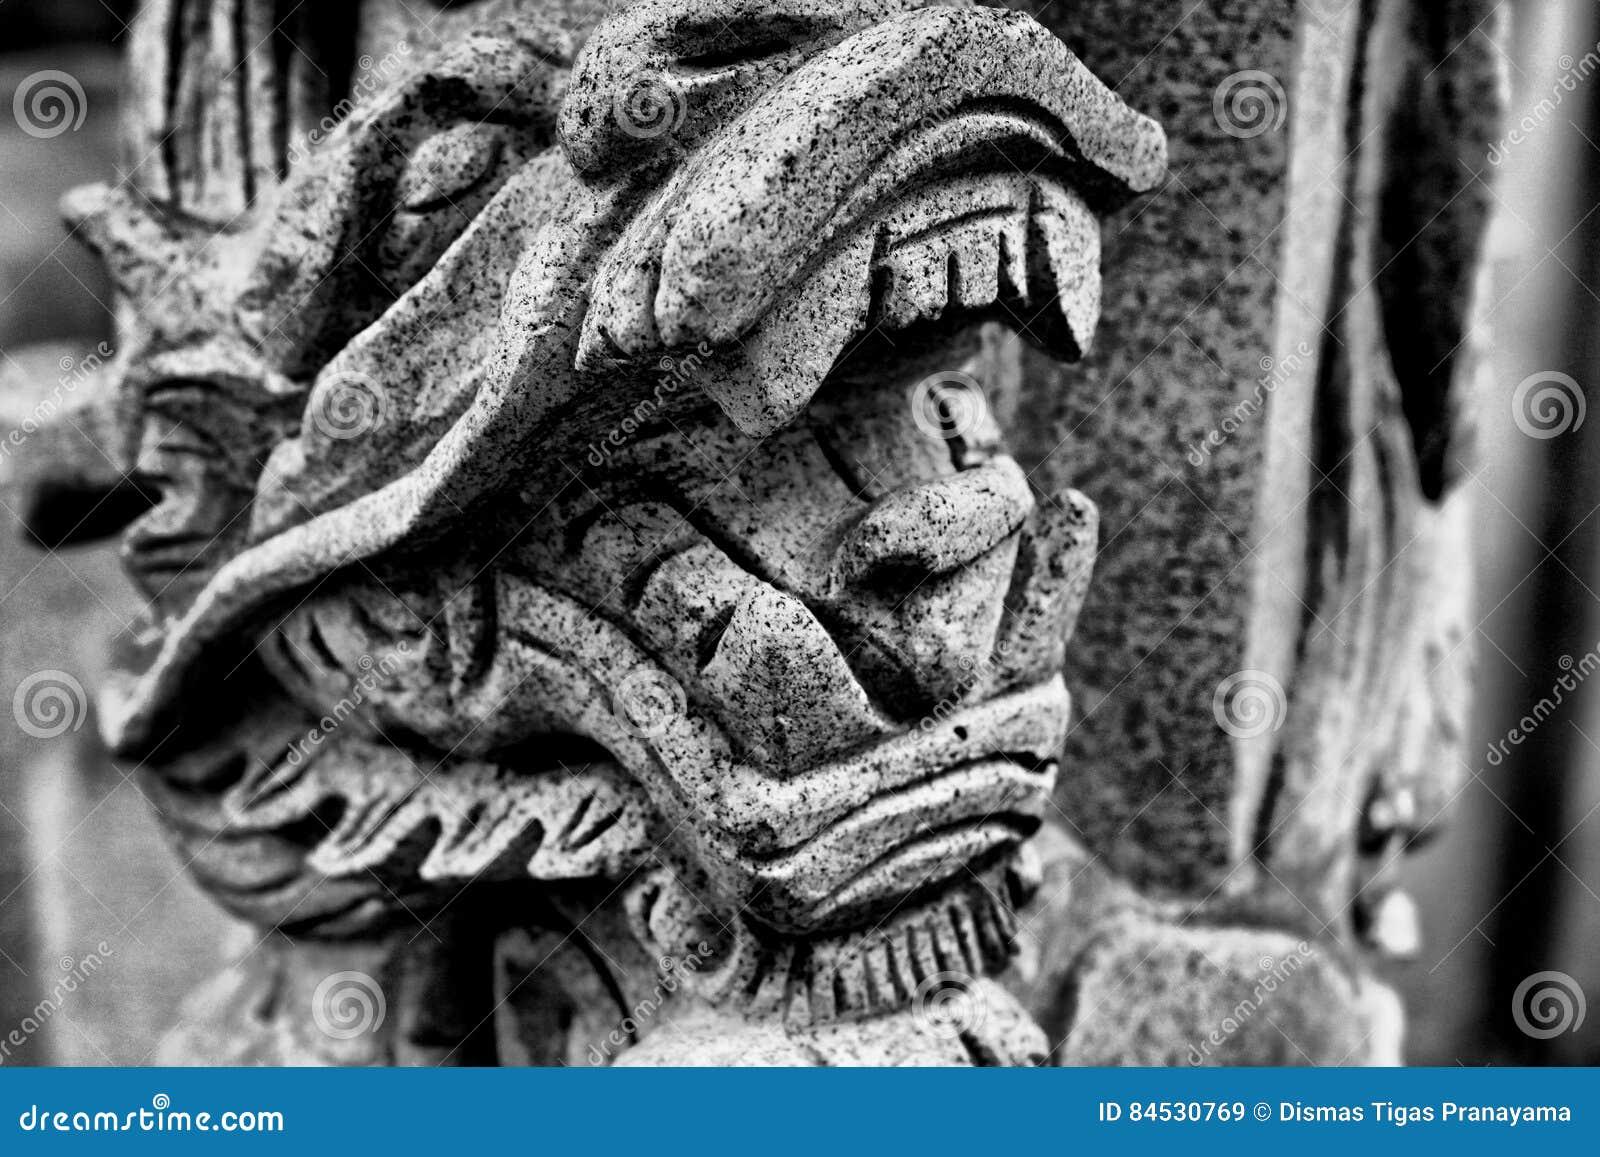 Kopf des chinesischen Drachen